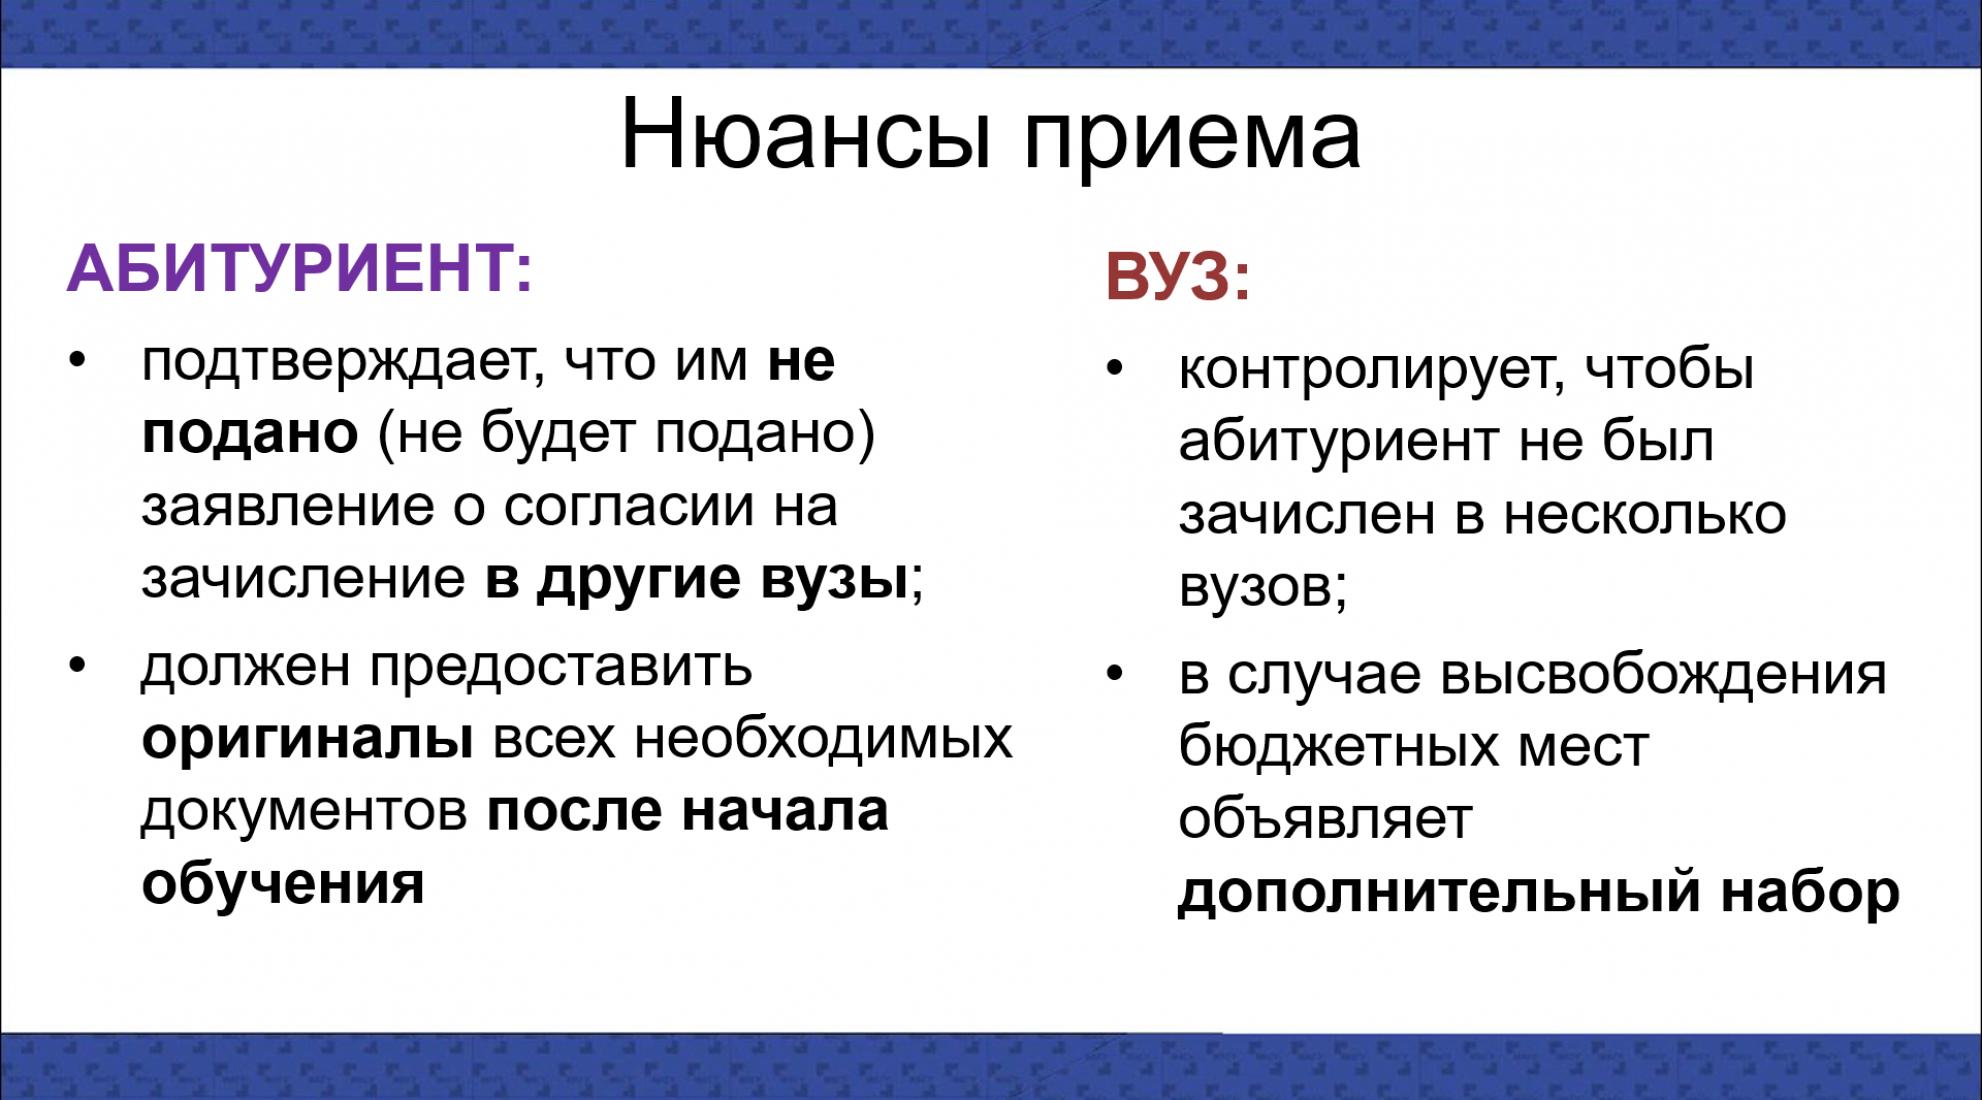 Особенности 4